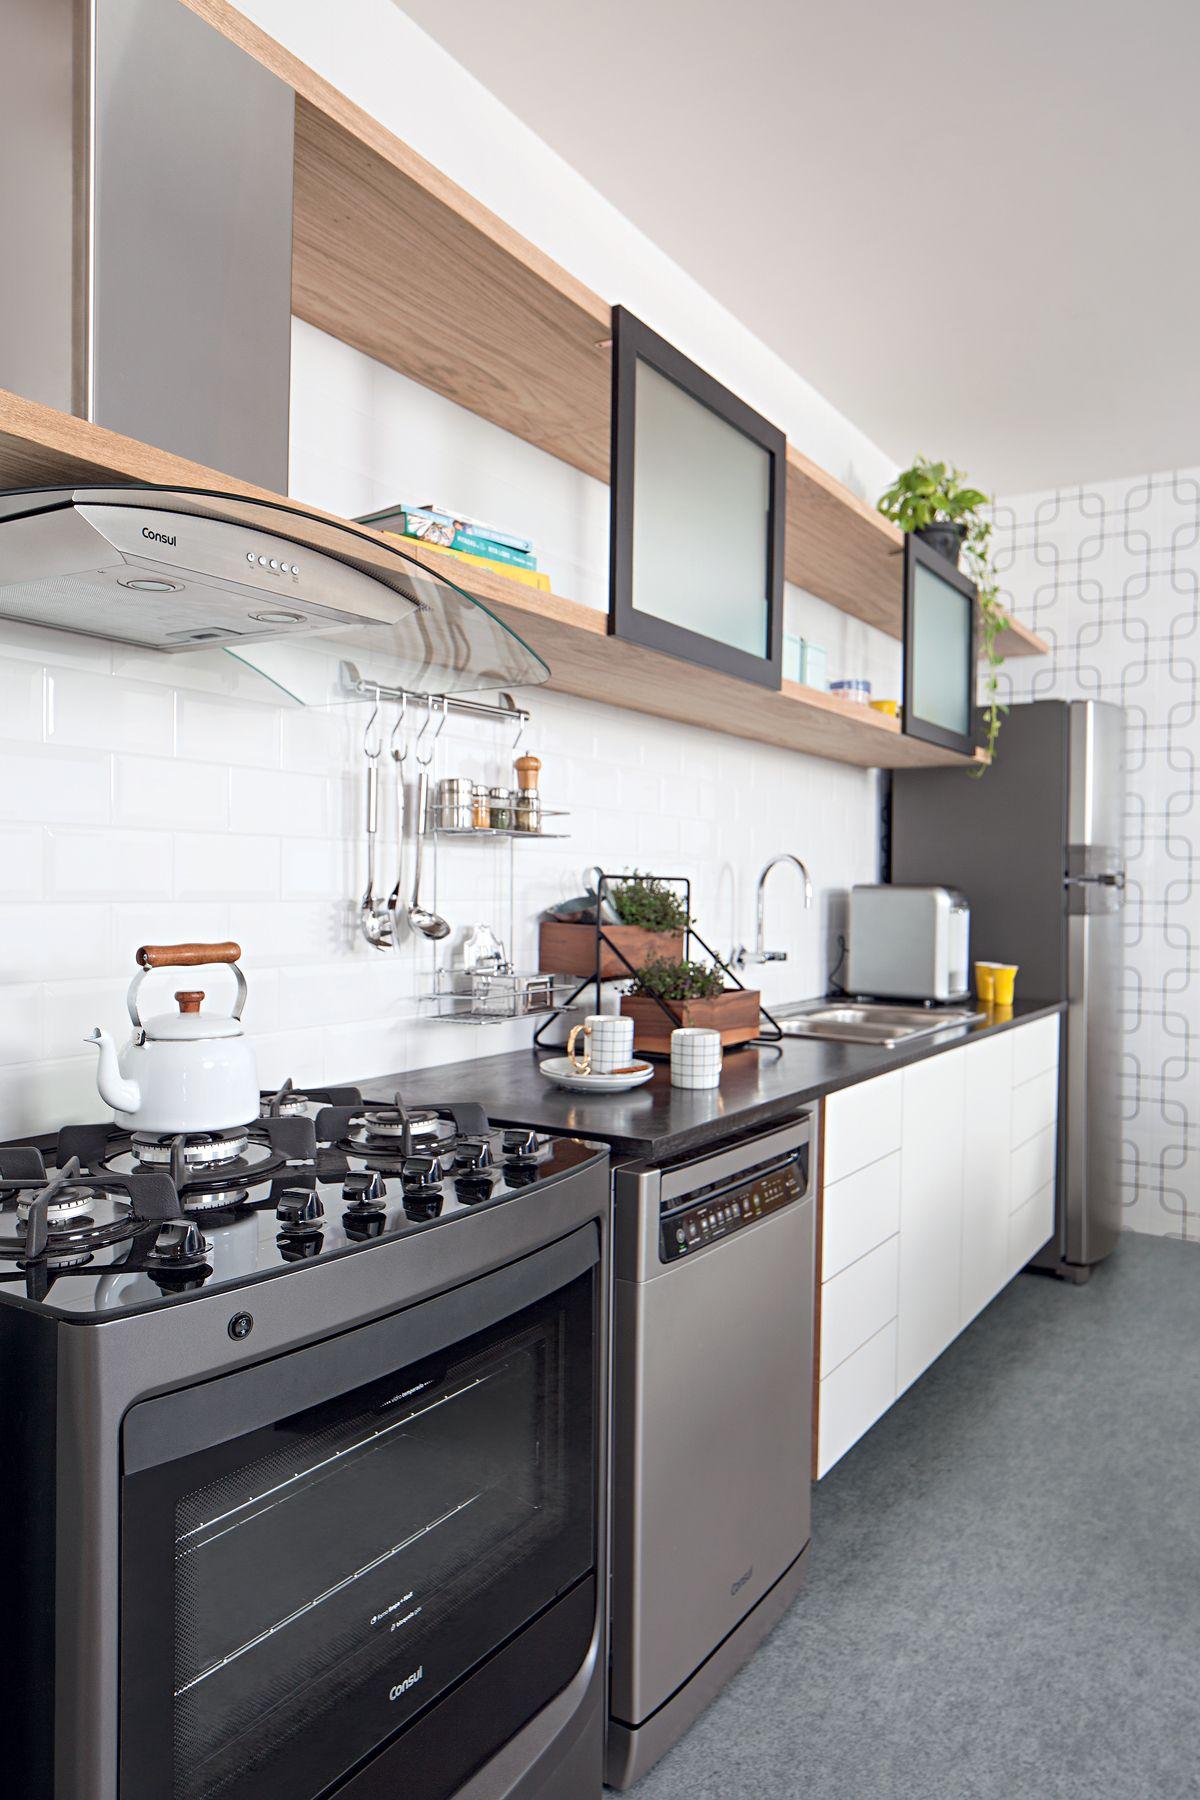 Cozinha Contempor Nea E Iluminada Para Quem Busca Praticidade